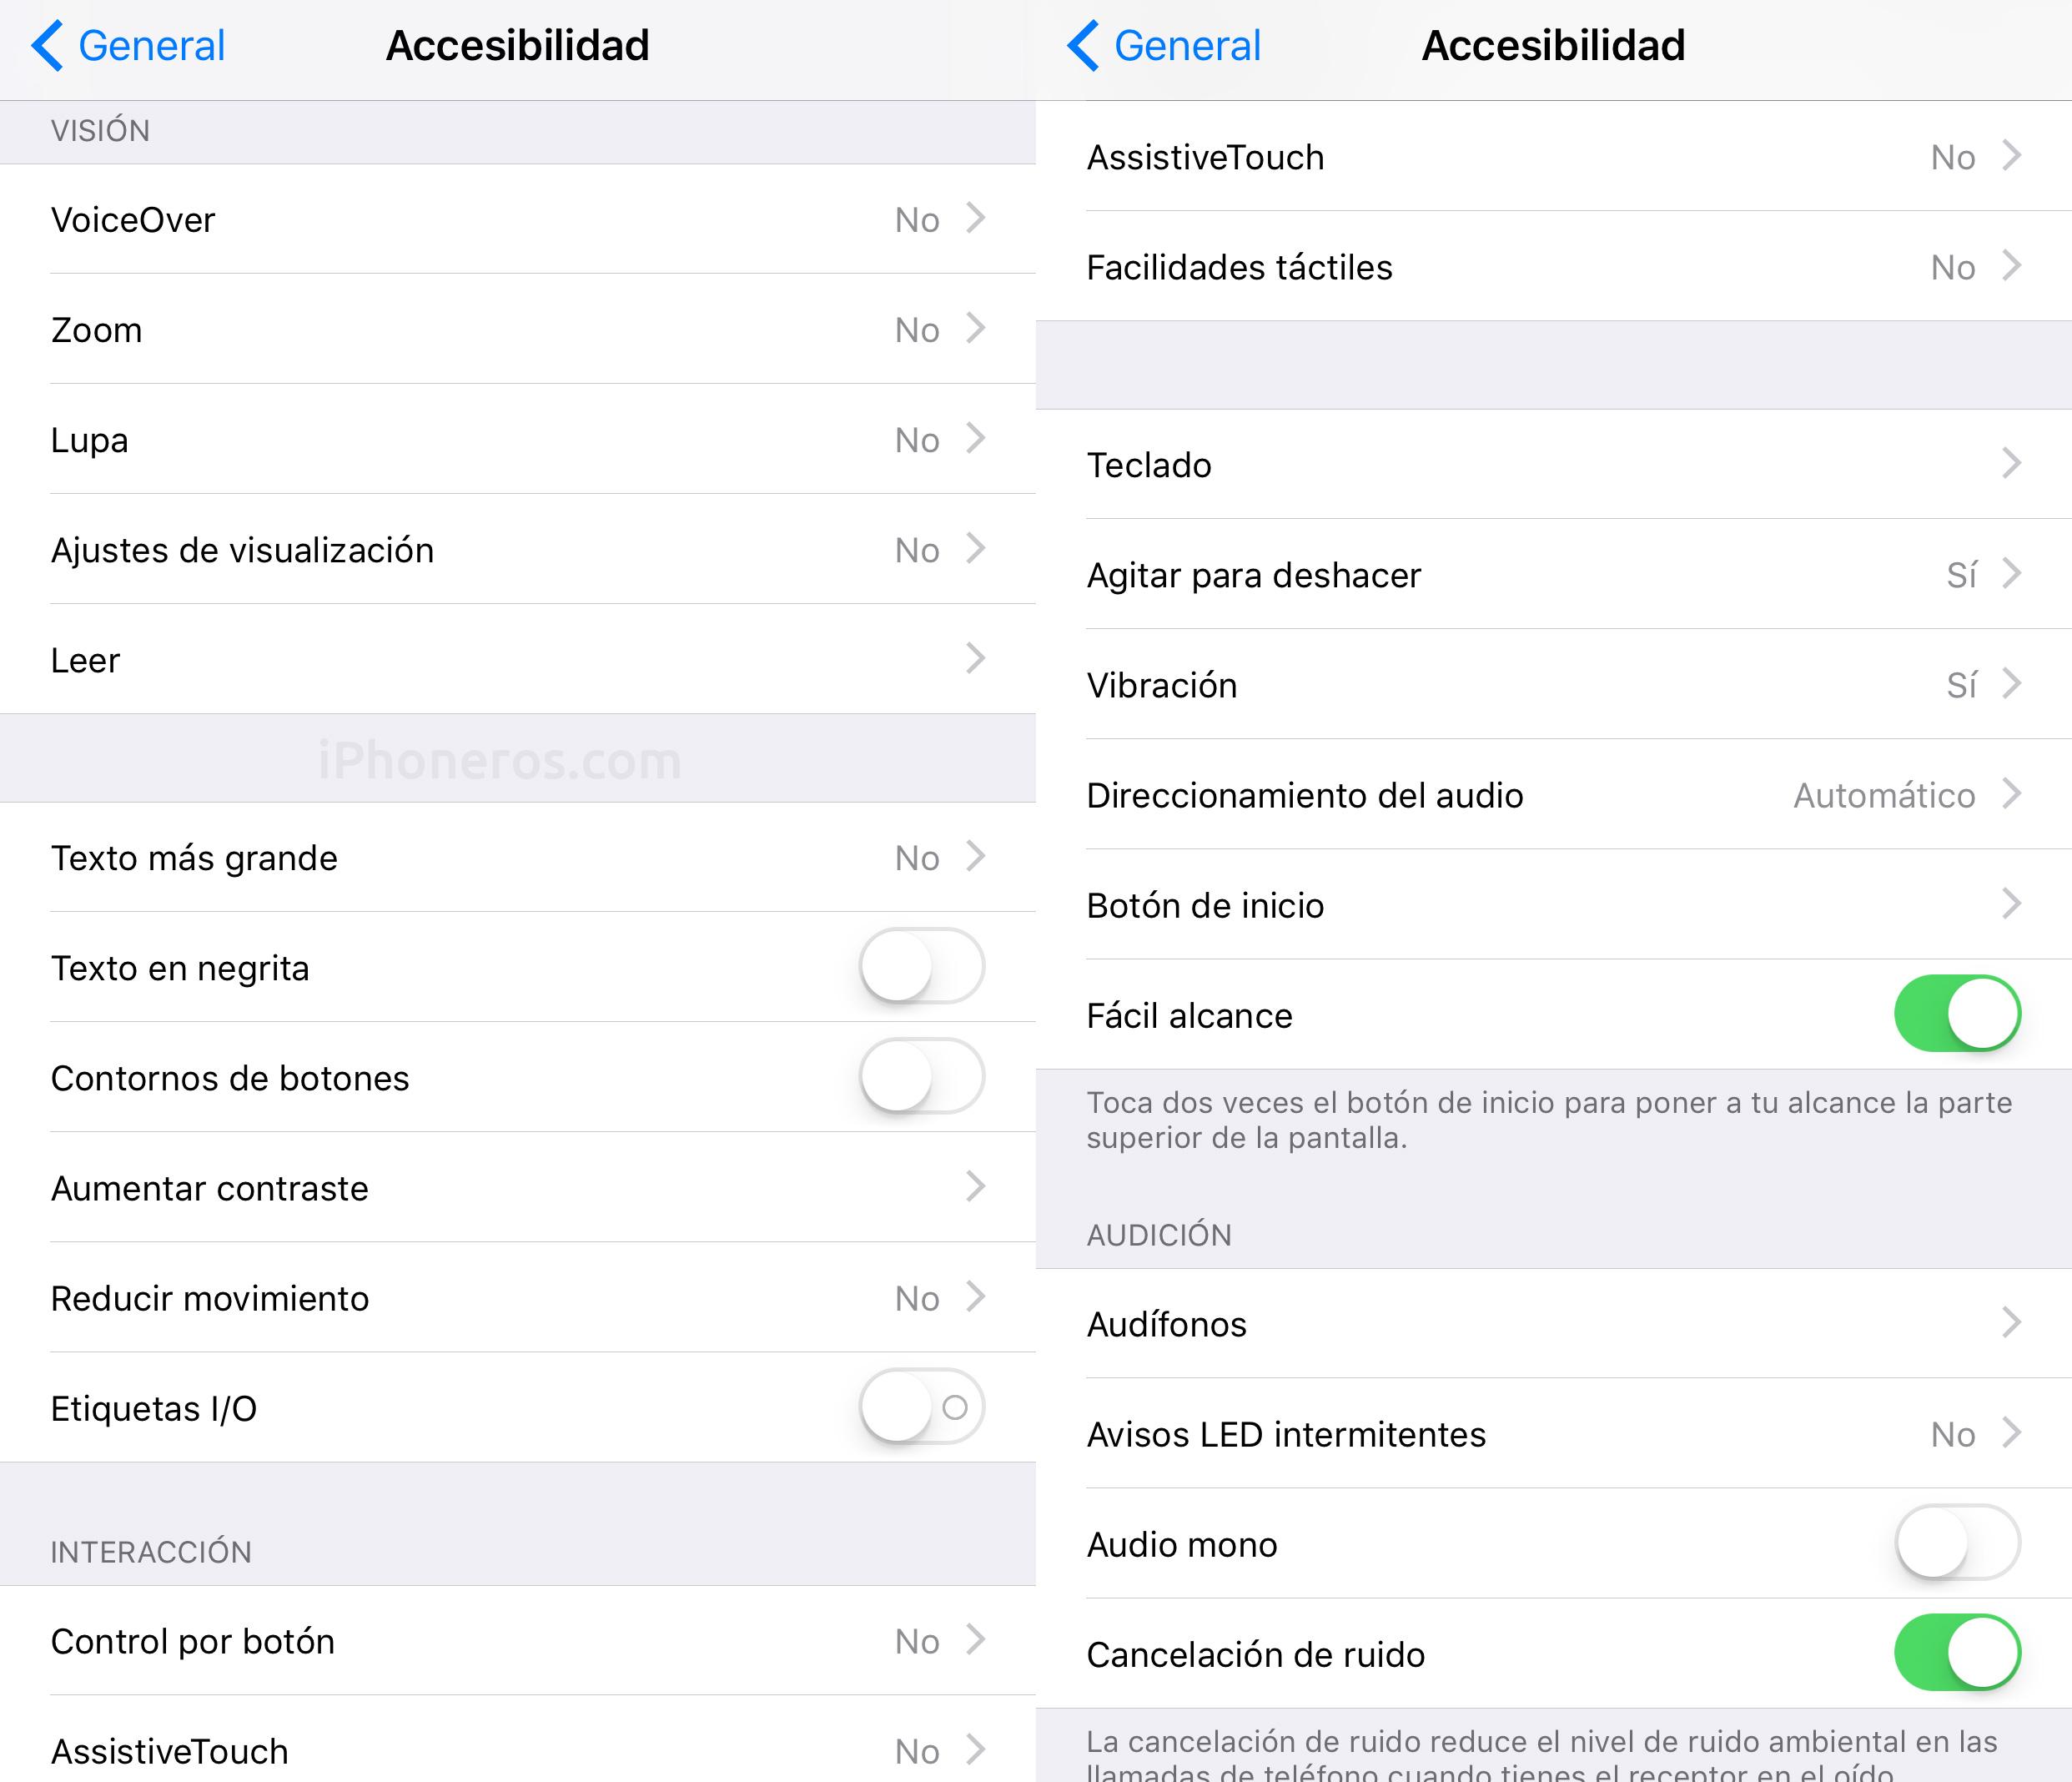 Opciones de accesibilidad en iOS